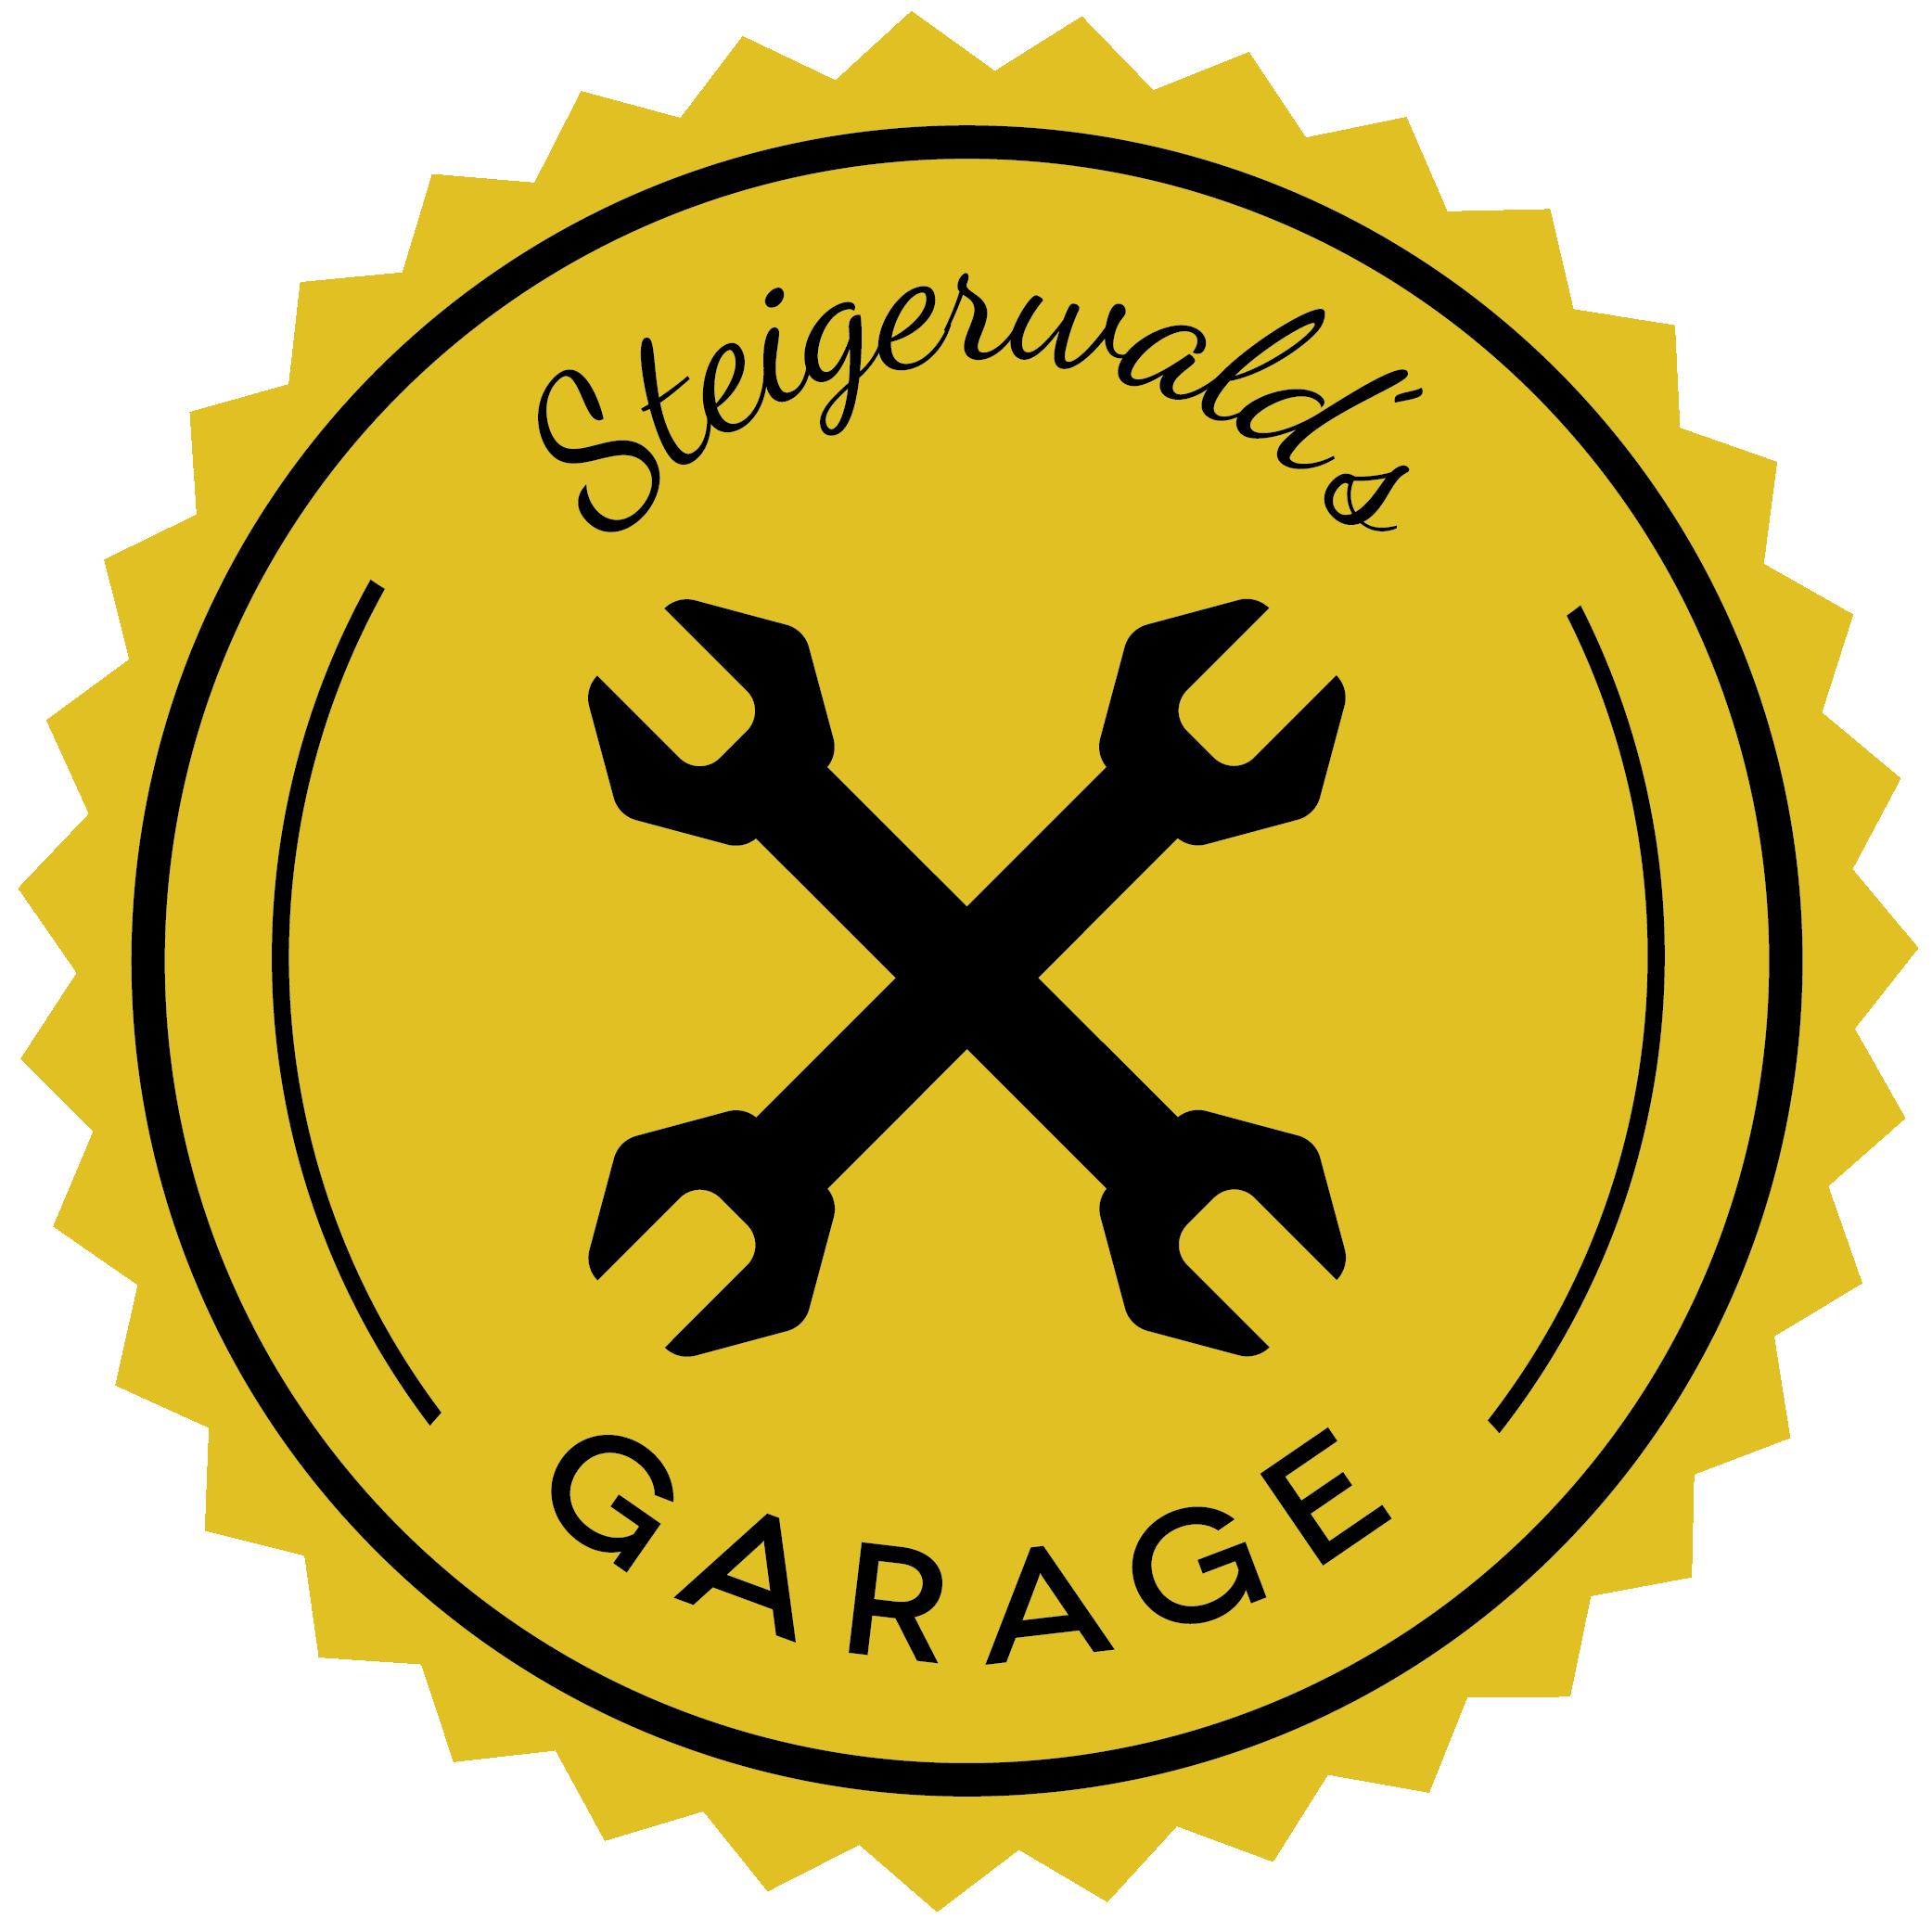 Steigerwald's Garage